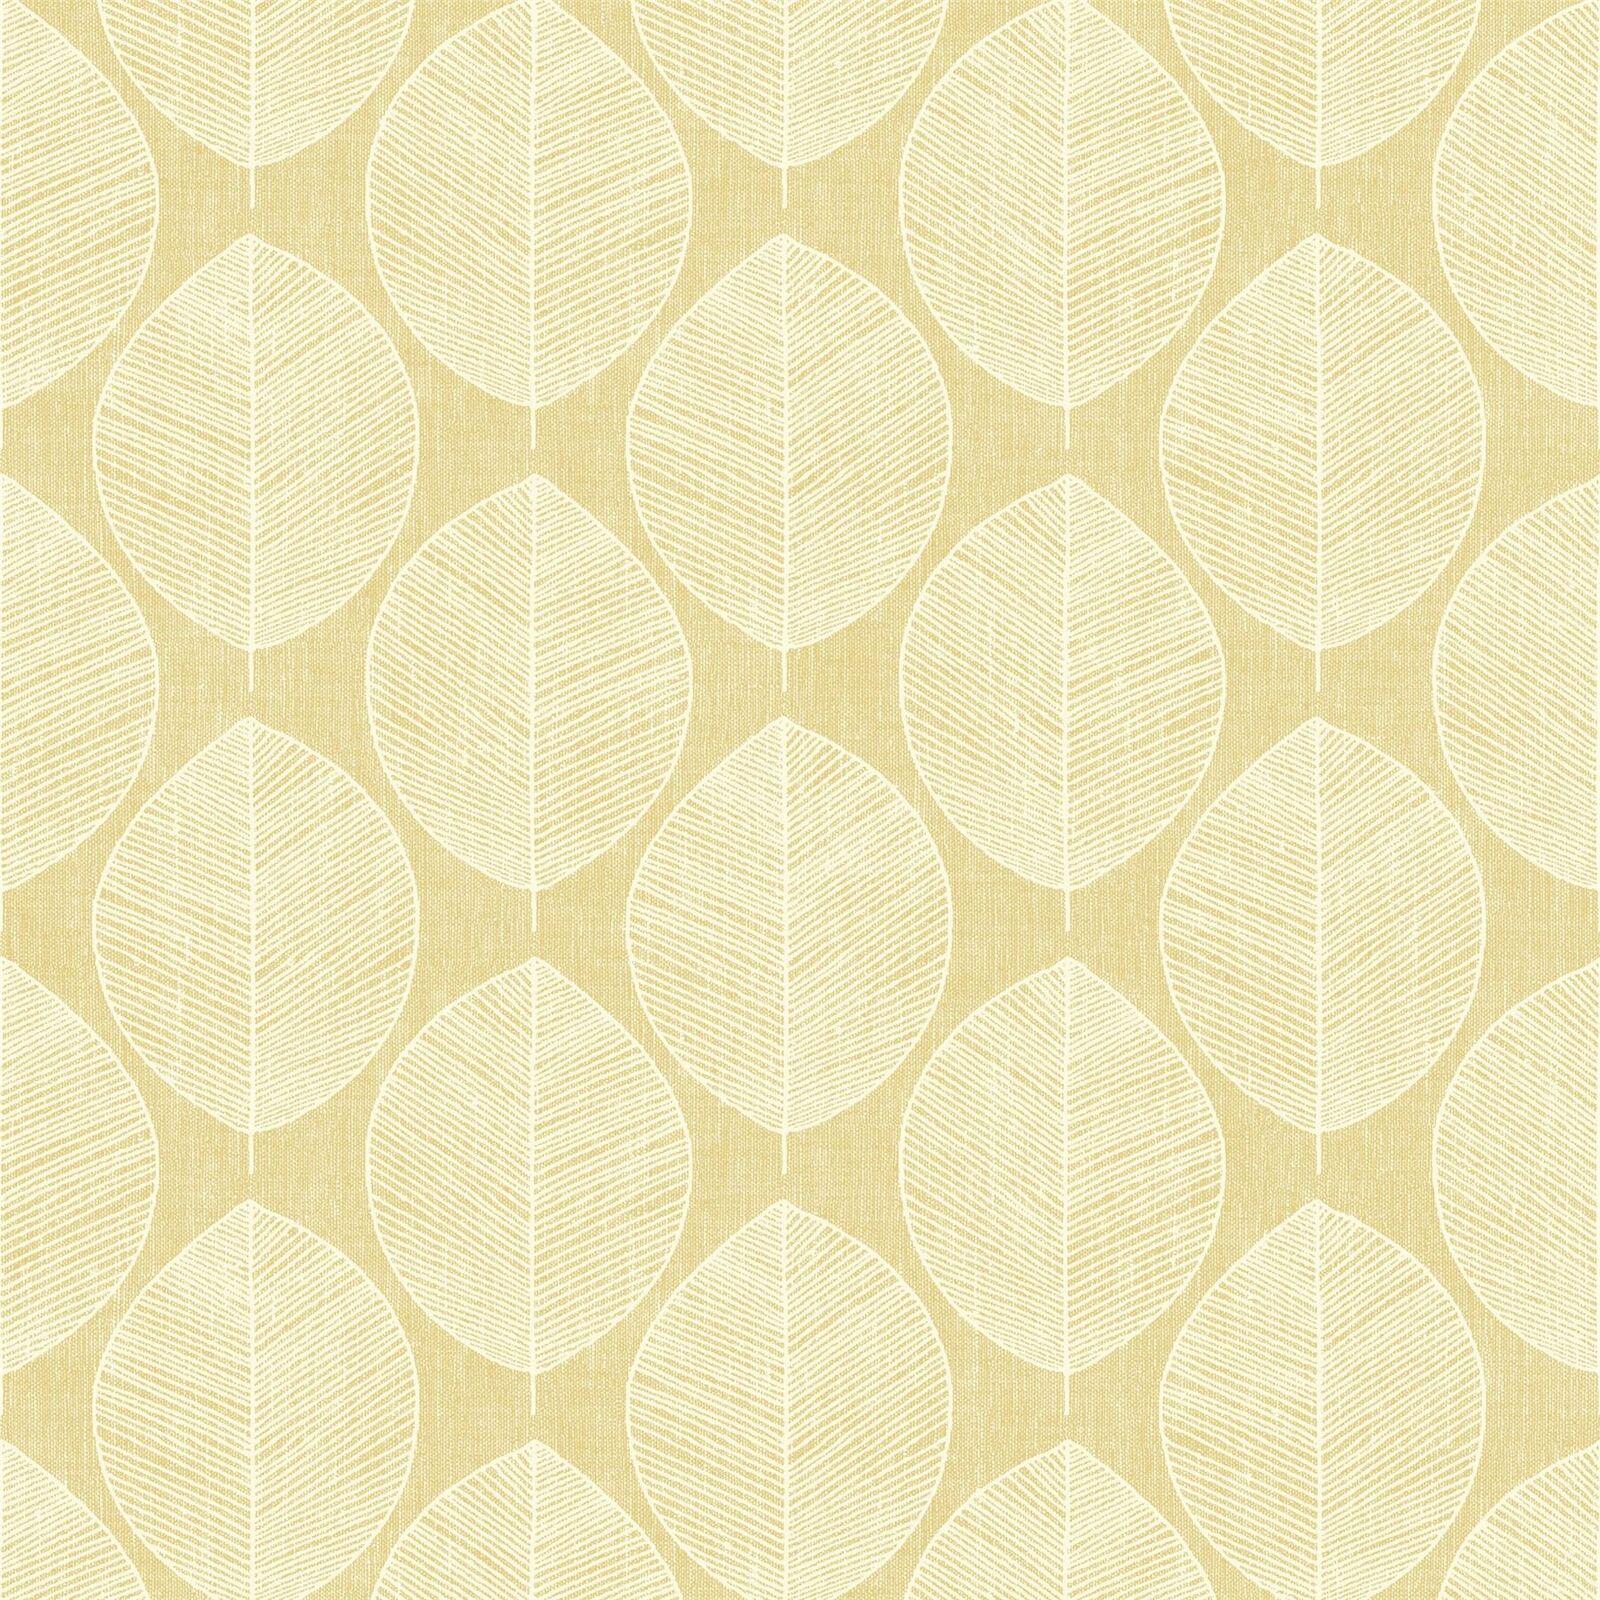 Jaune Scandi Feuille Papier Geometrique Peint Floral Geometrique